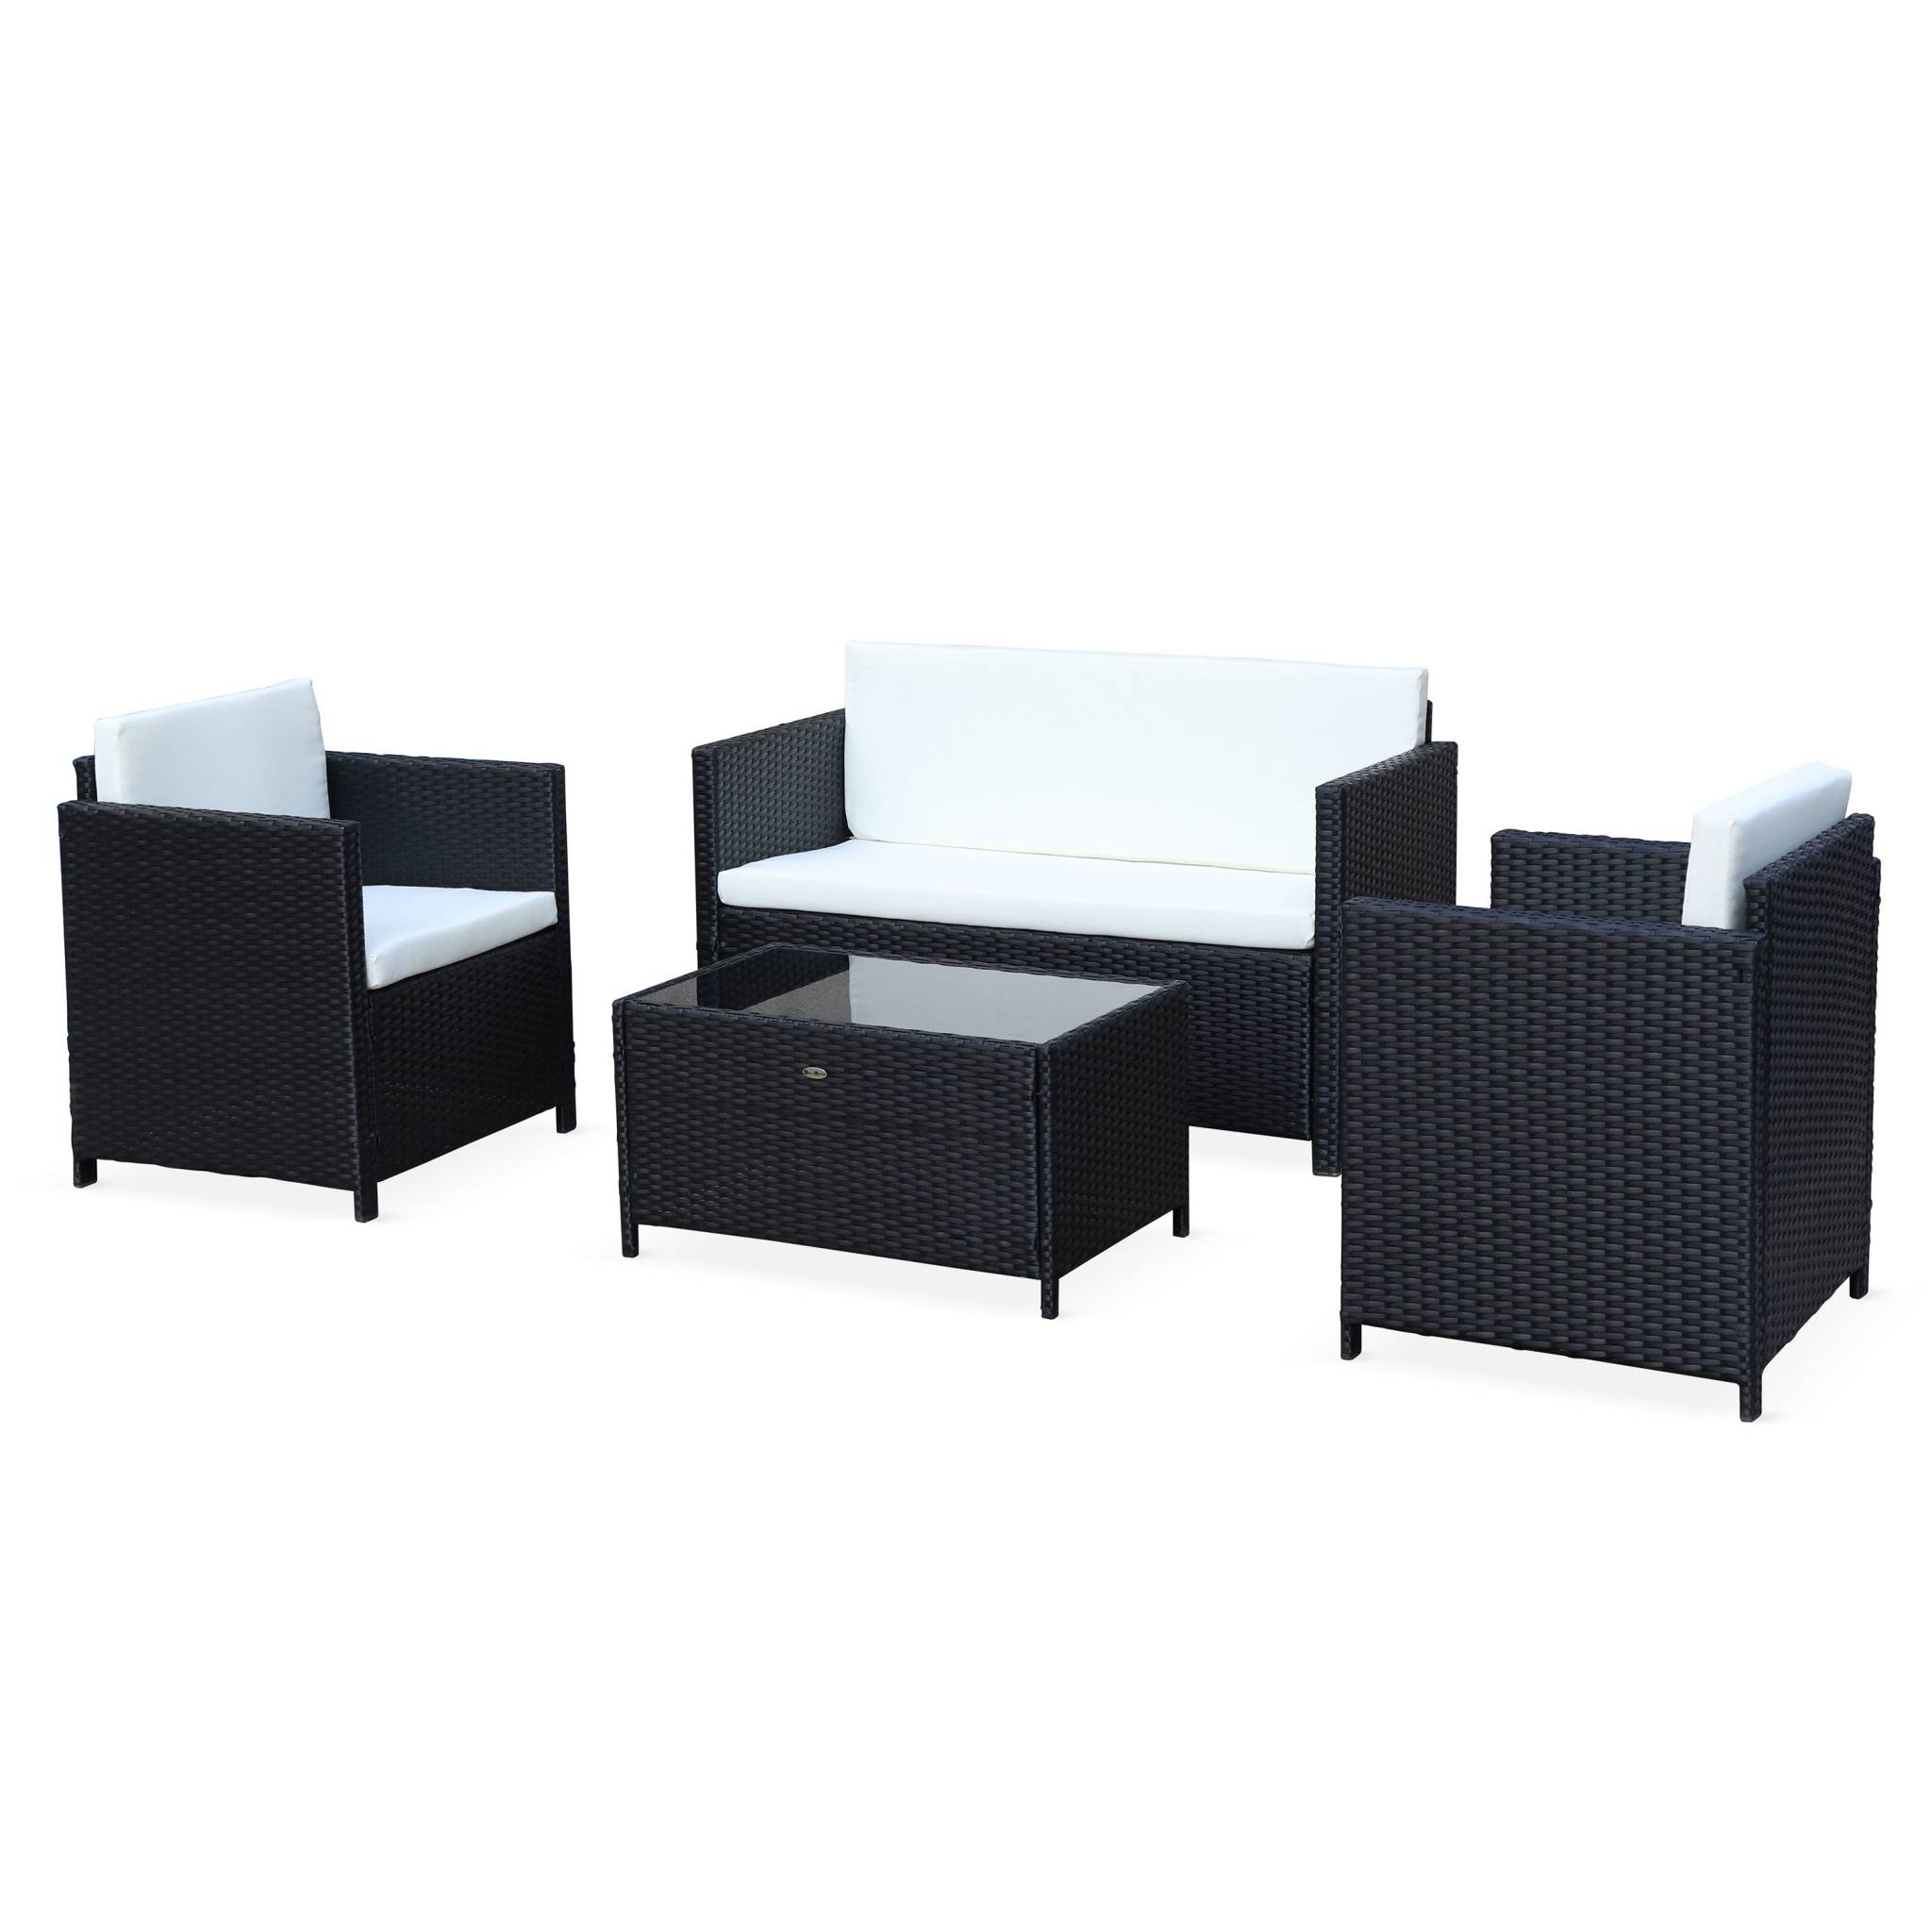 Salon de jardin 4 places en résine tressée noir avec coussins écrus